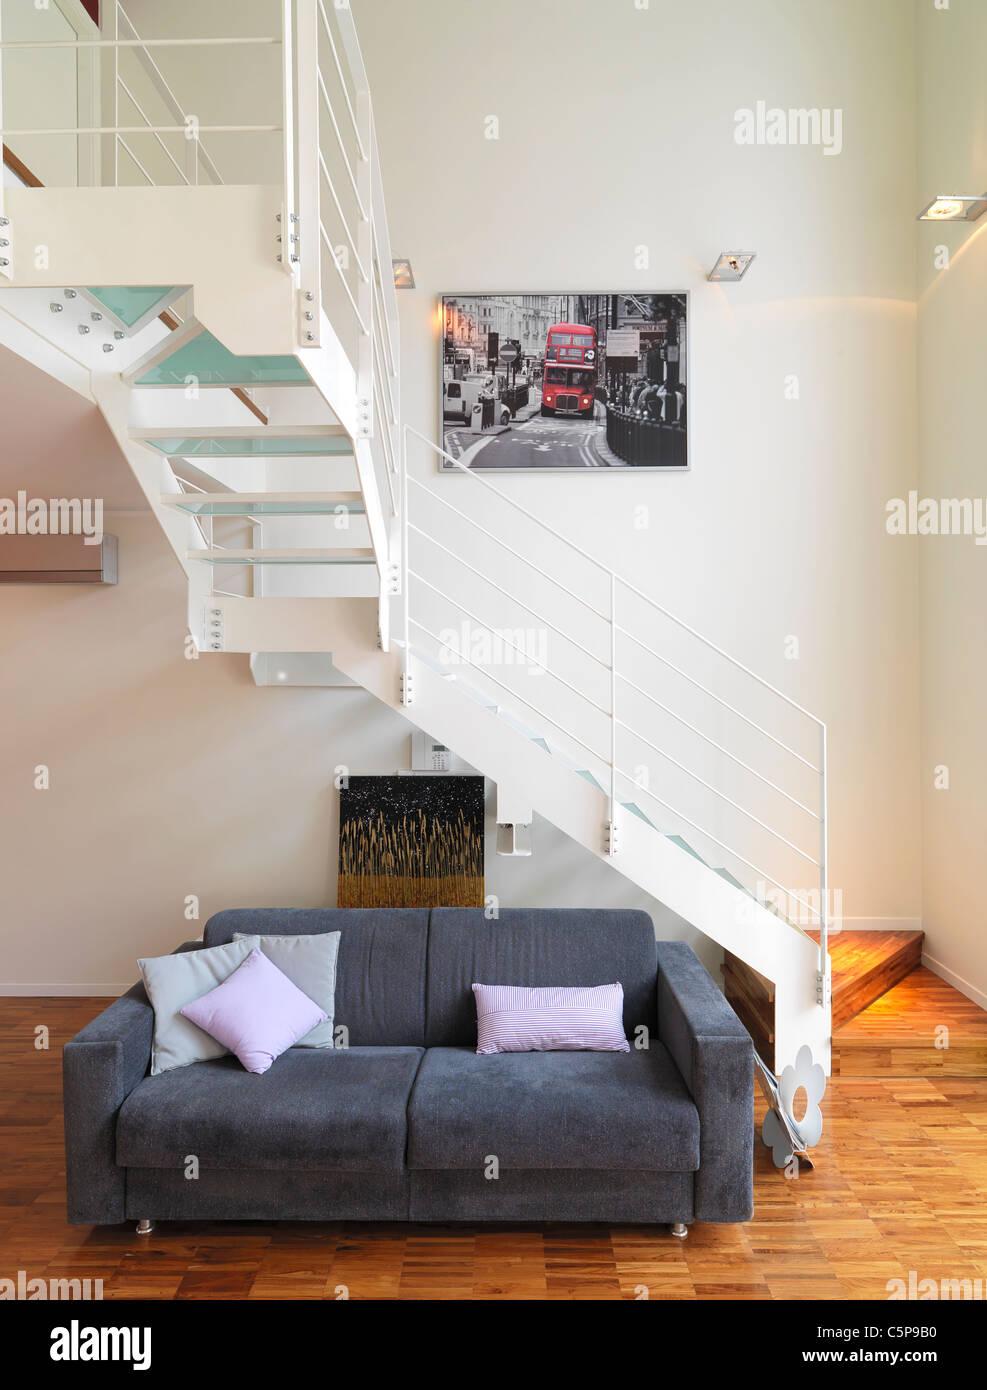 Sofá gris cerca de una escalera con piso de madera en el salón Imagen De Stock